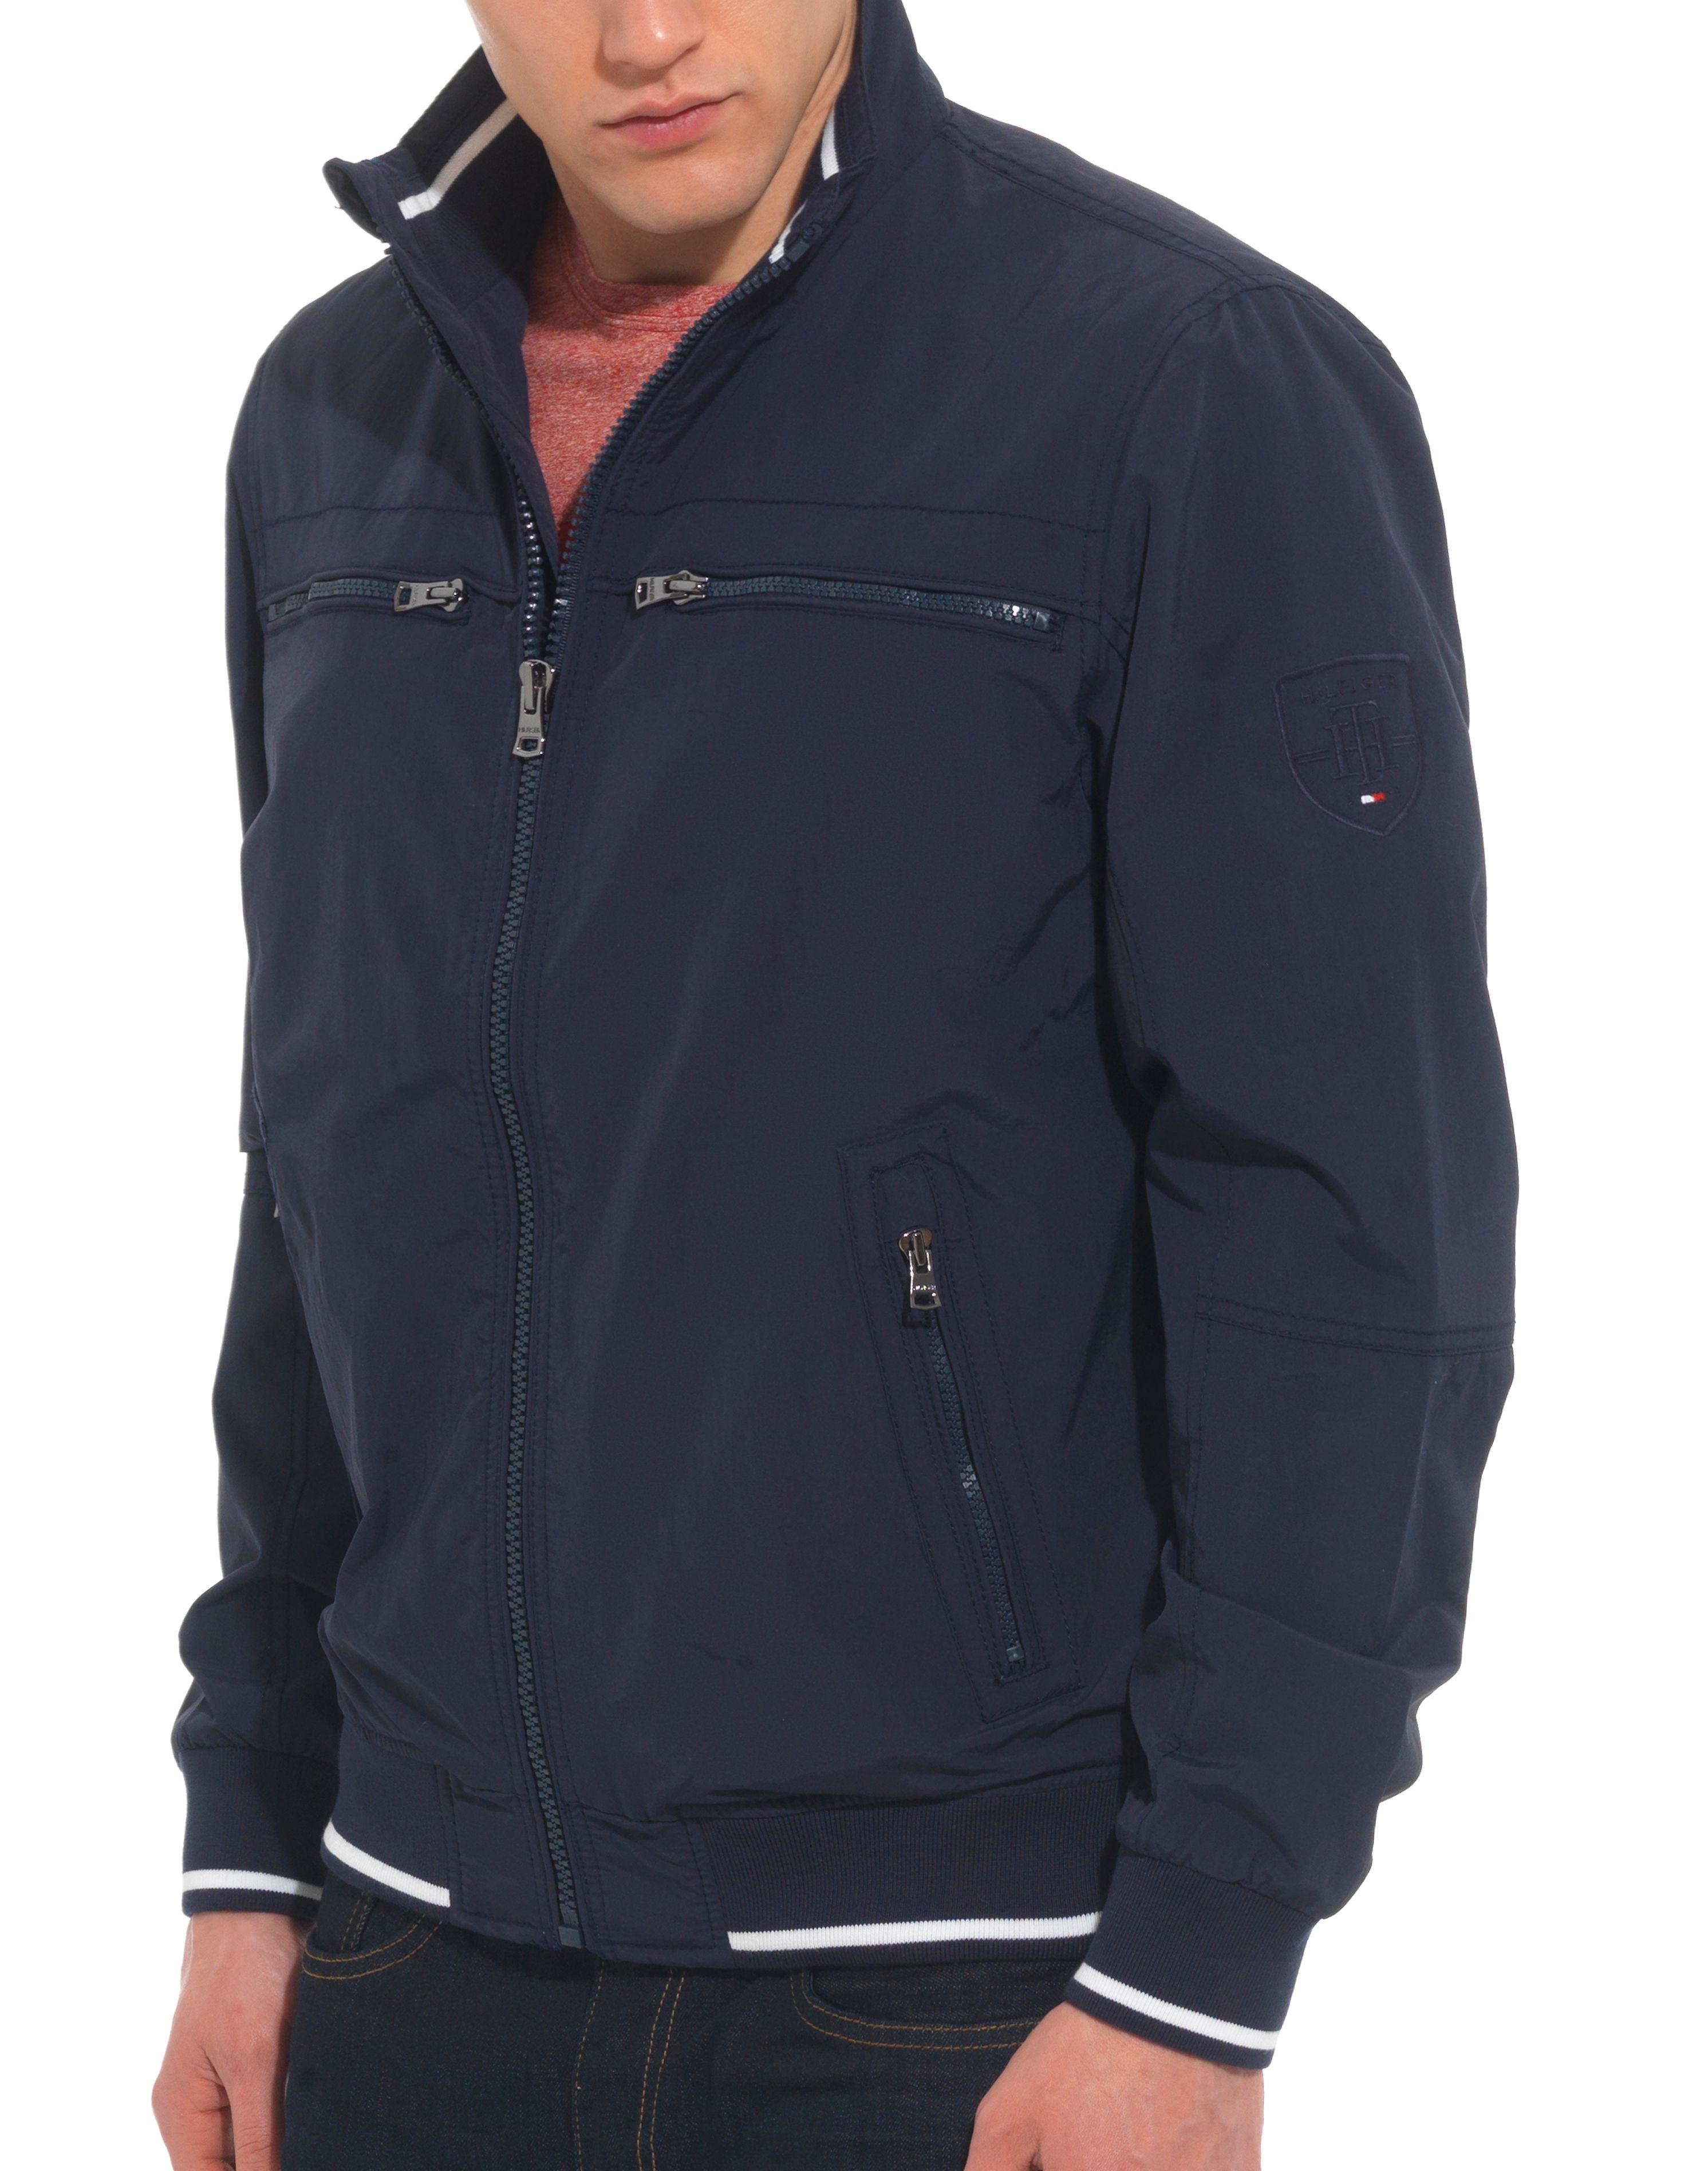 tommy hilfiger matt casual bomber jacket in blue for men navy lyst. Black Bedroom Furniture Sets. Home Design Ideas